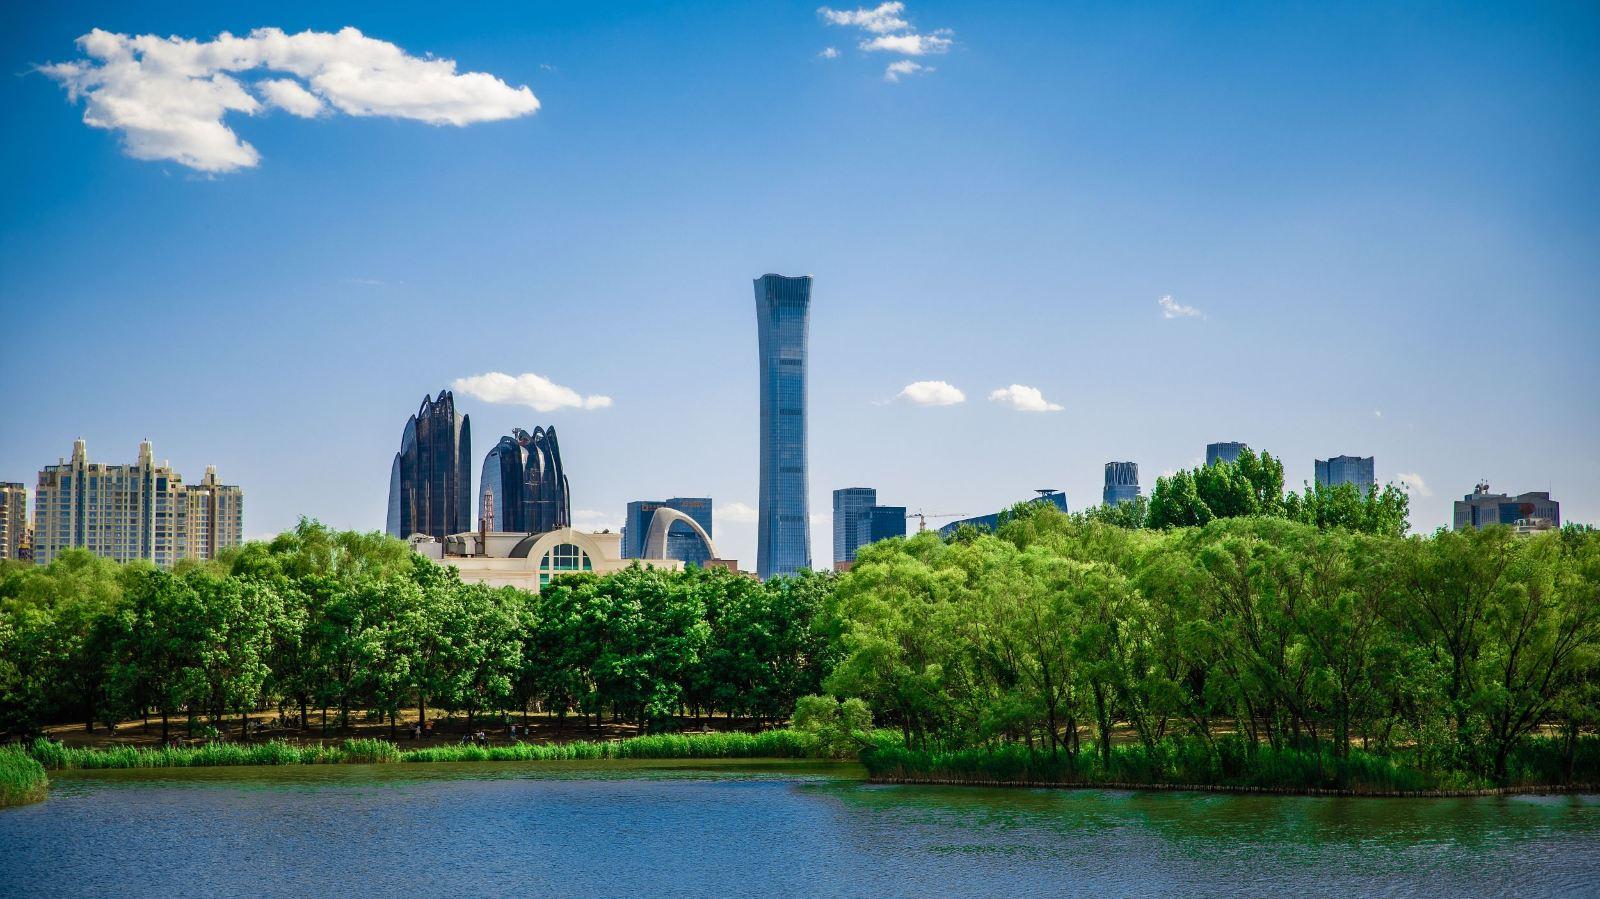 【北京】朝阳公园